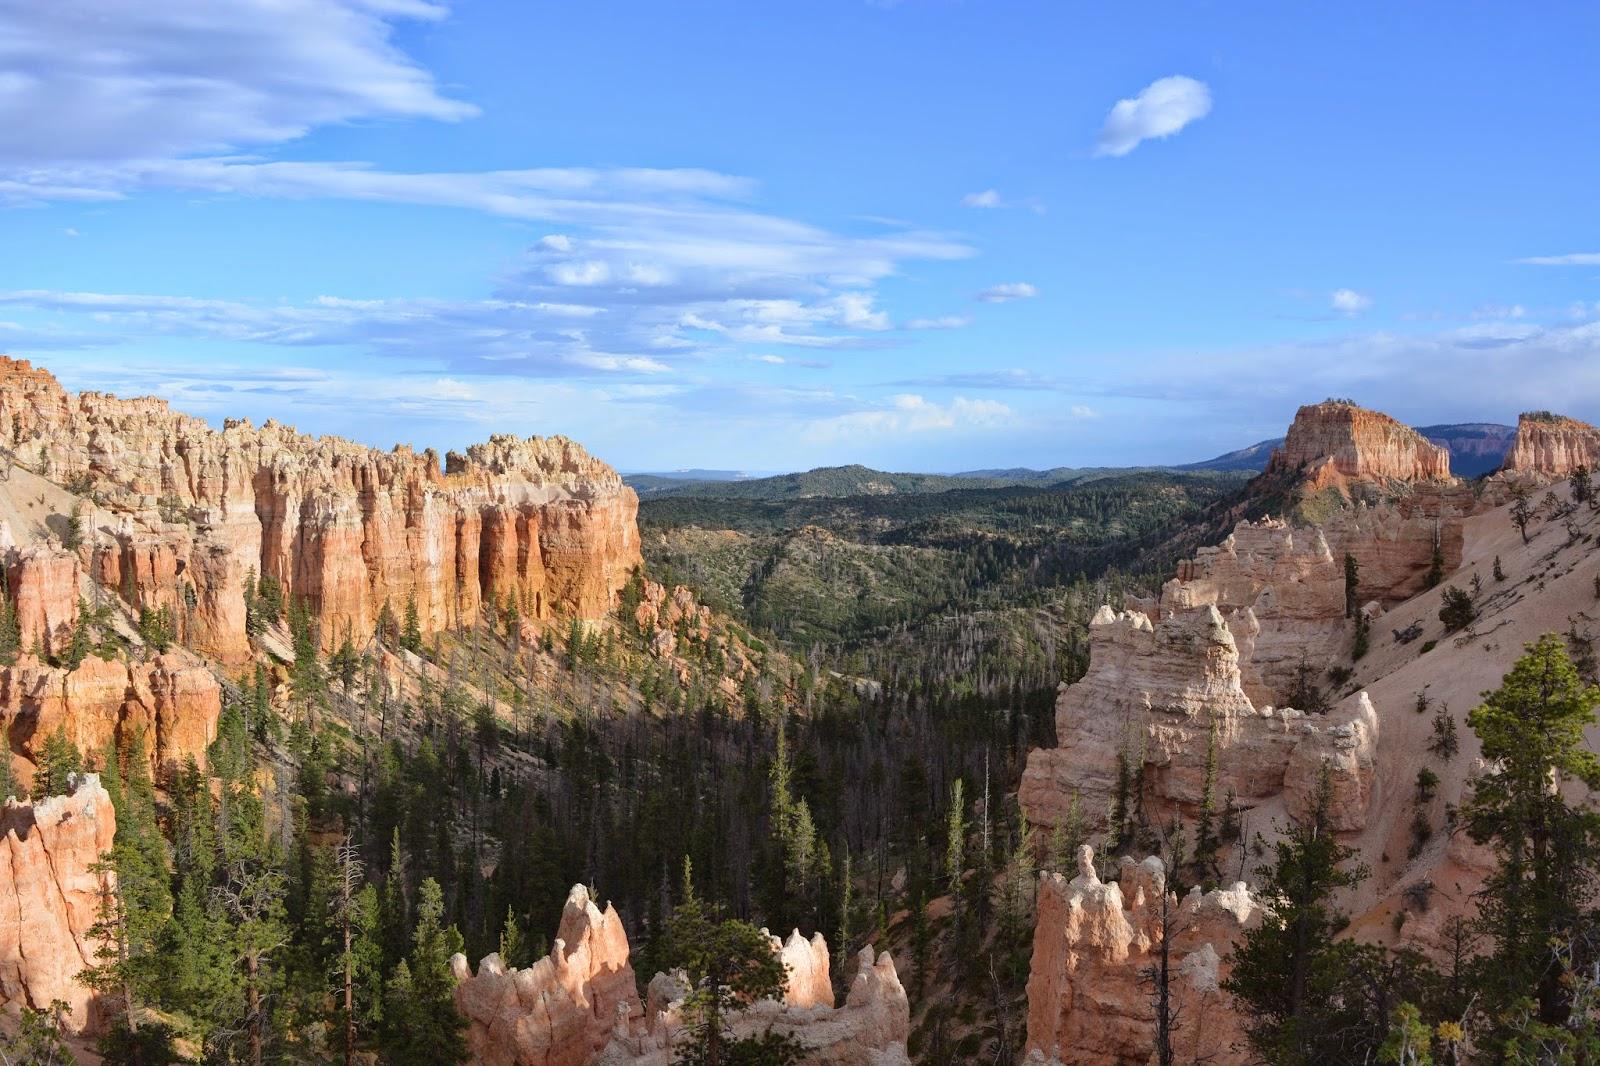 Bryce Canyon National Park 布萊斯峽谷國家公園 (中)